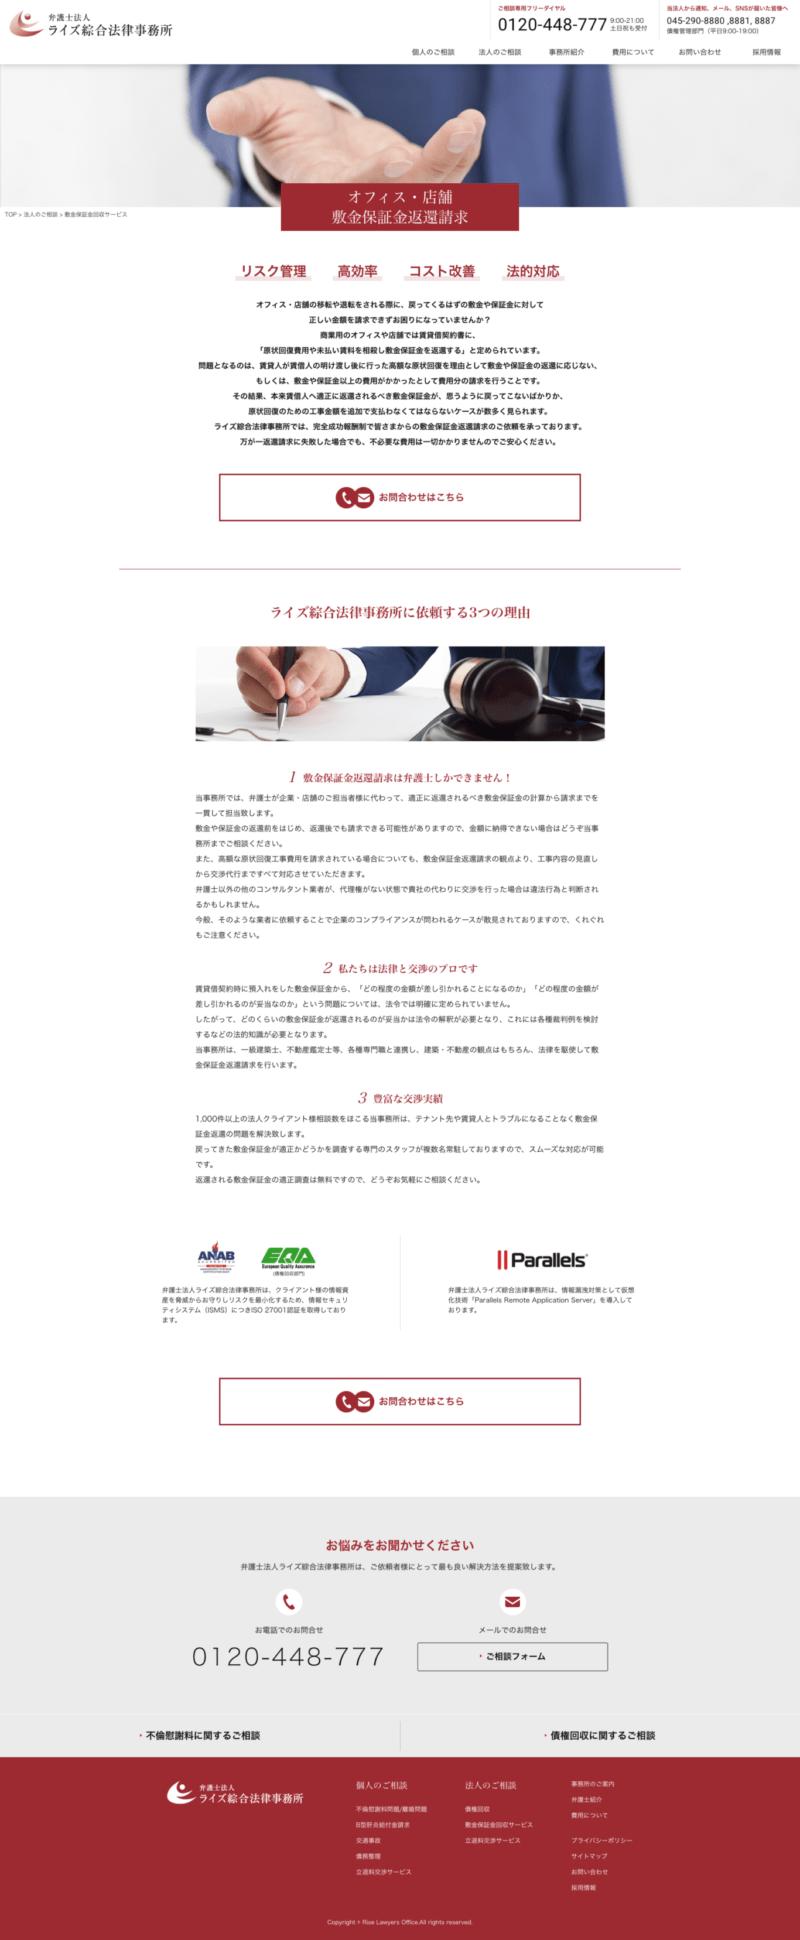 弁護士法人ライズ綜合法律事務所様 法人サイト|「法人向け法務サービス」「敷金保証金変換請求」